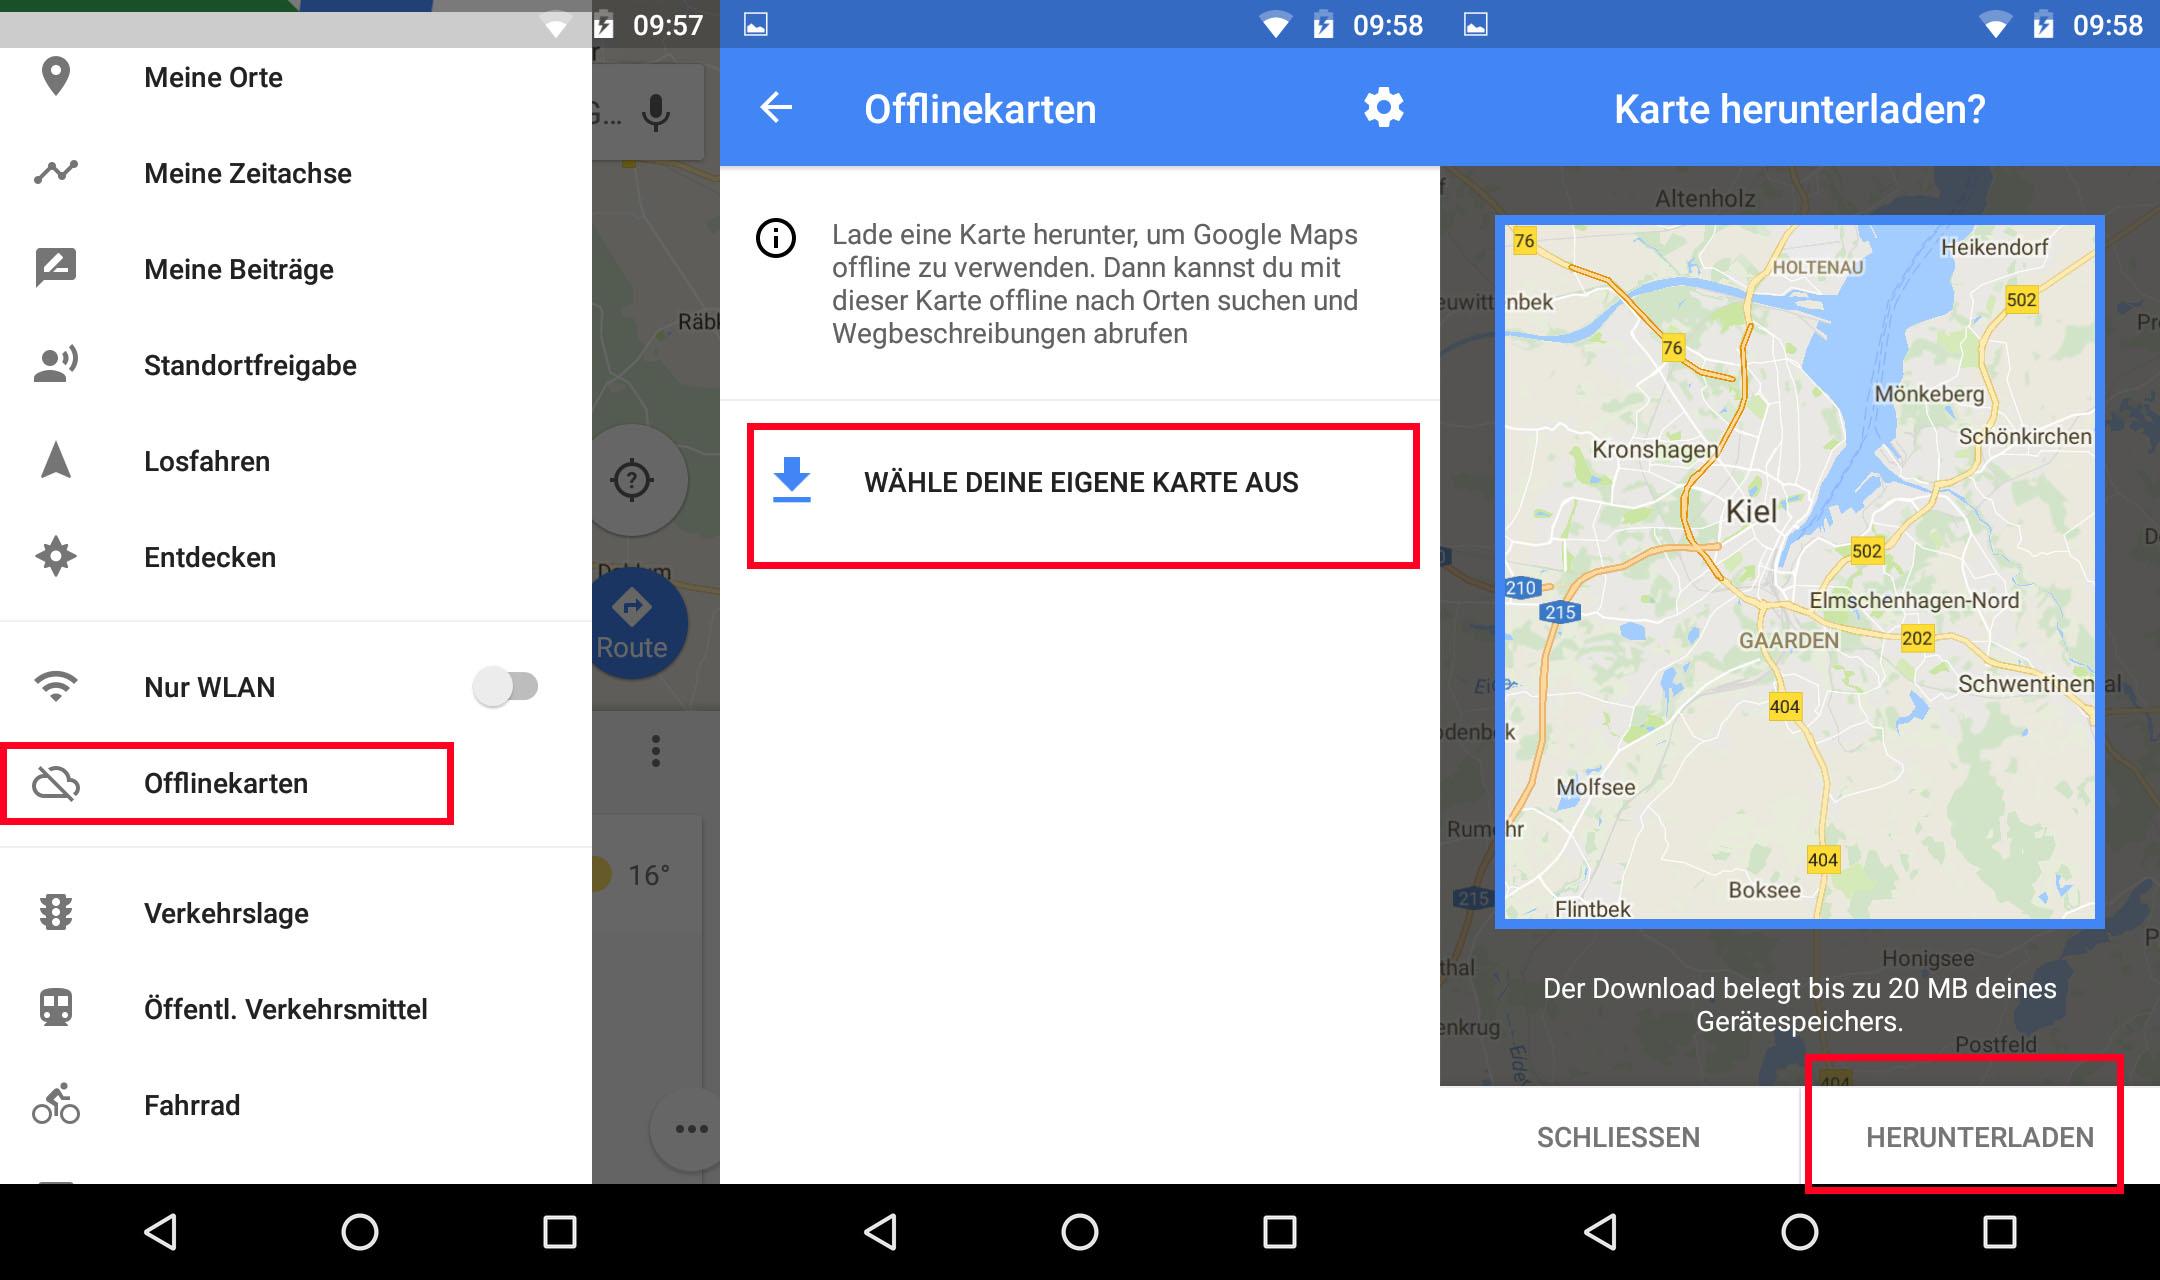 Google Maps offline nutzen: So geht's on